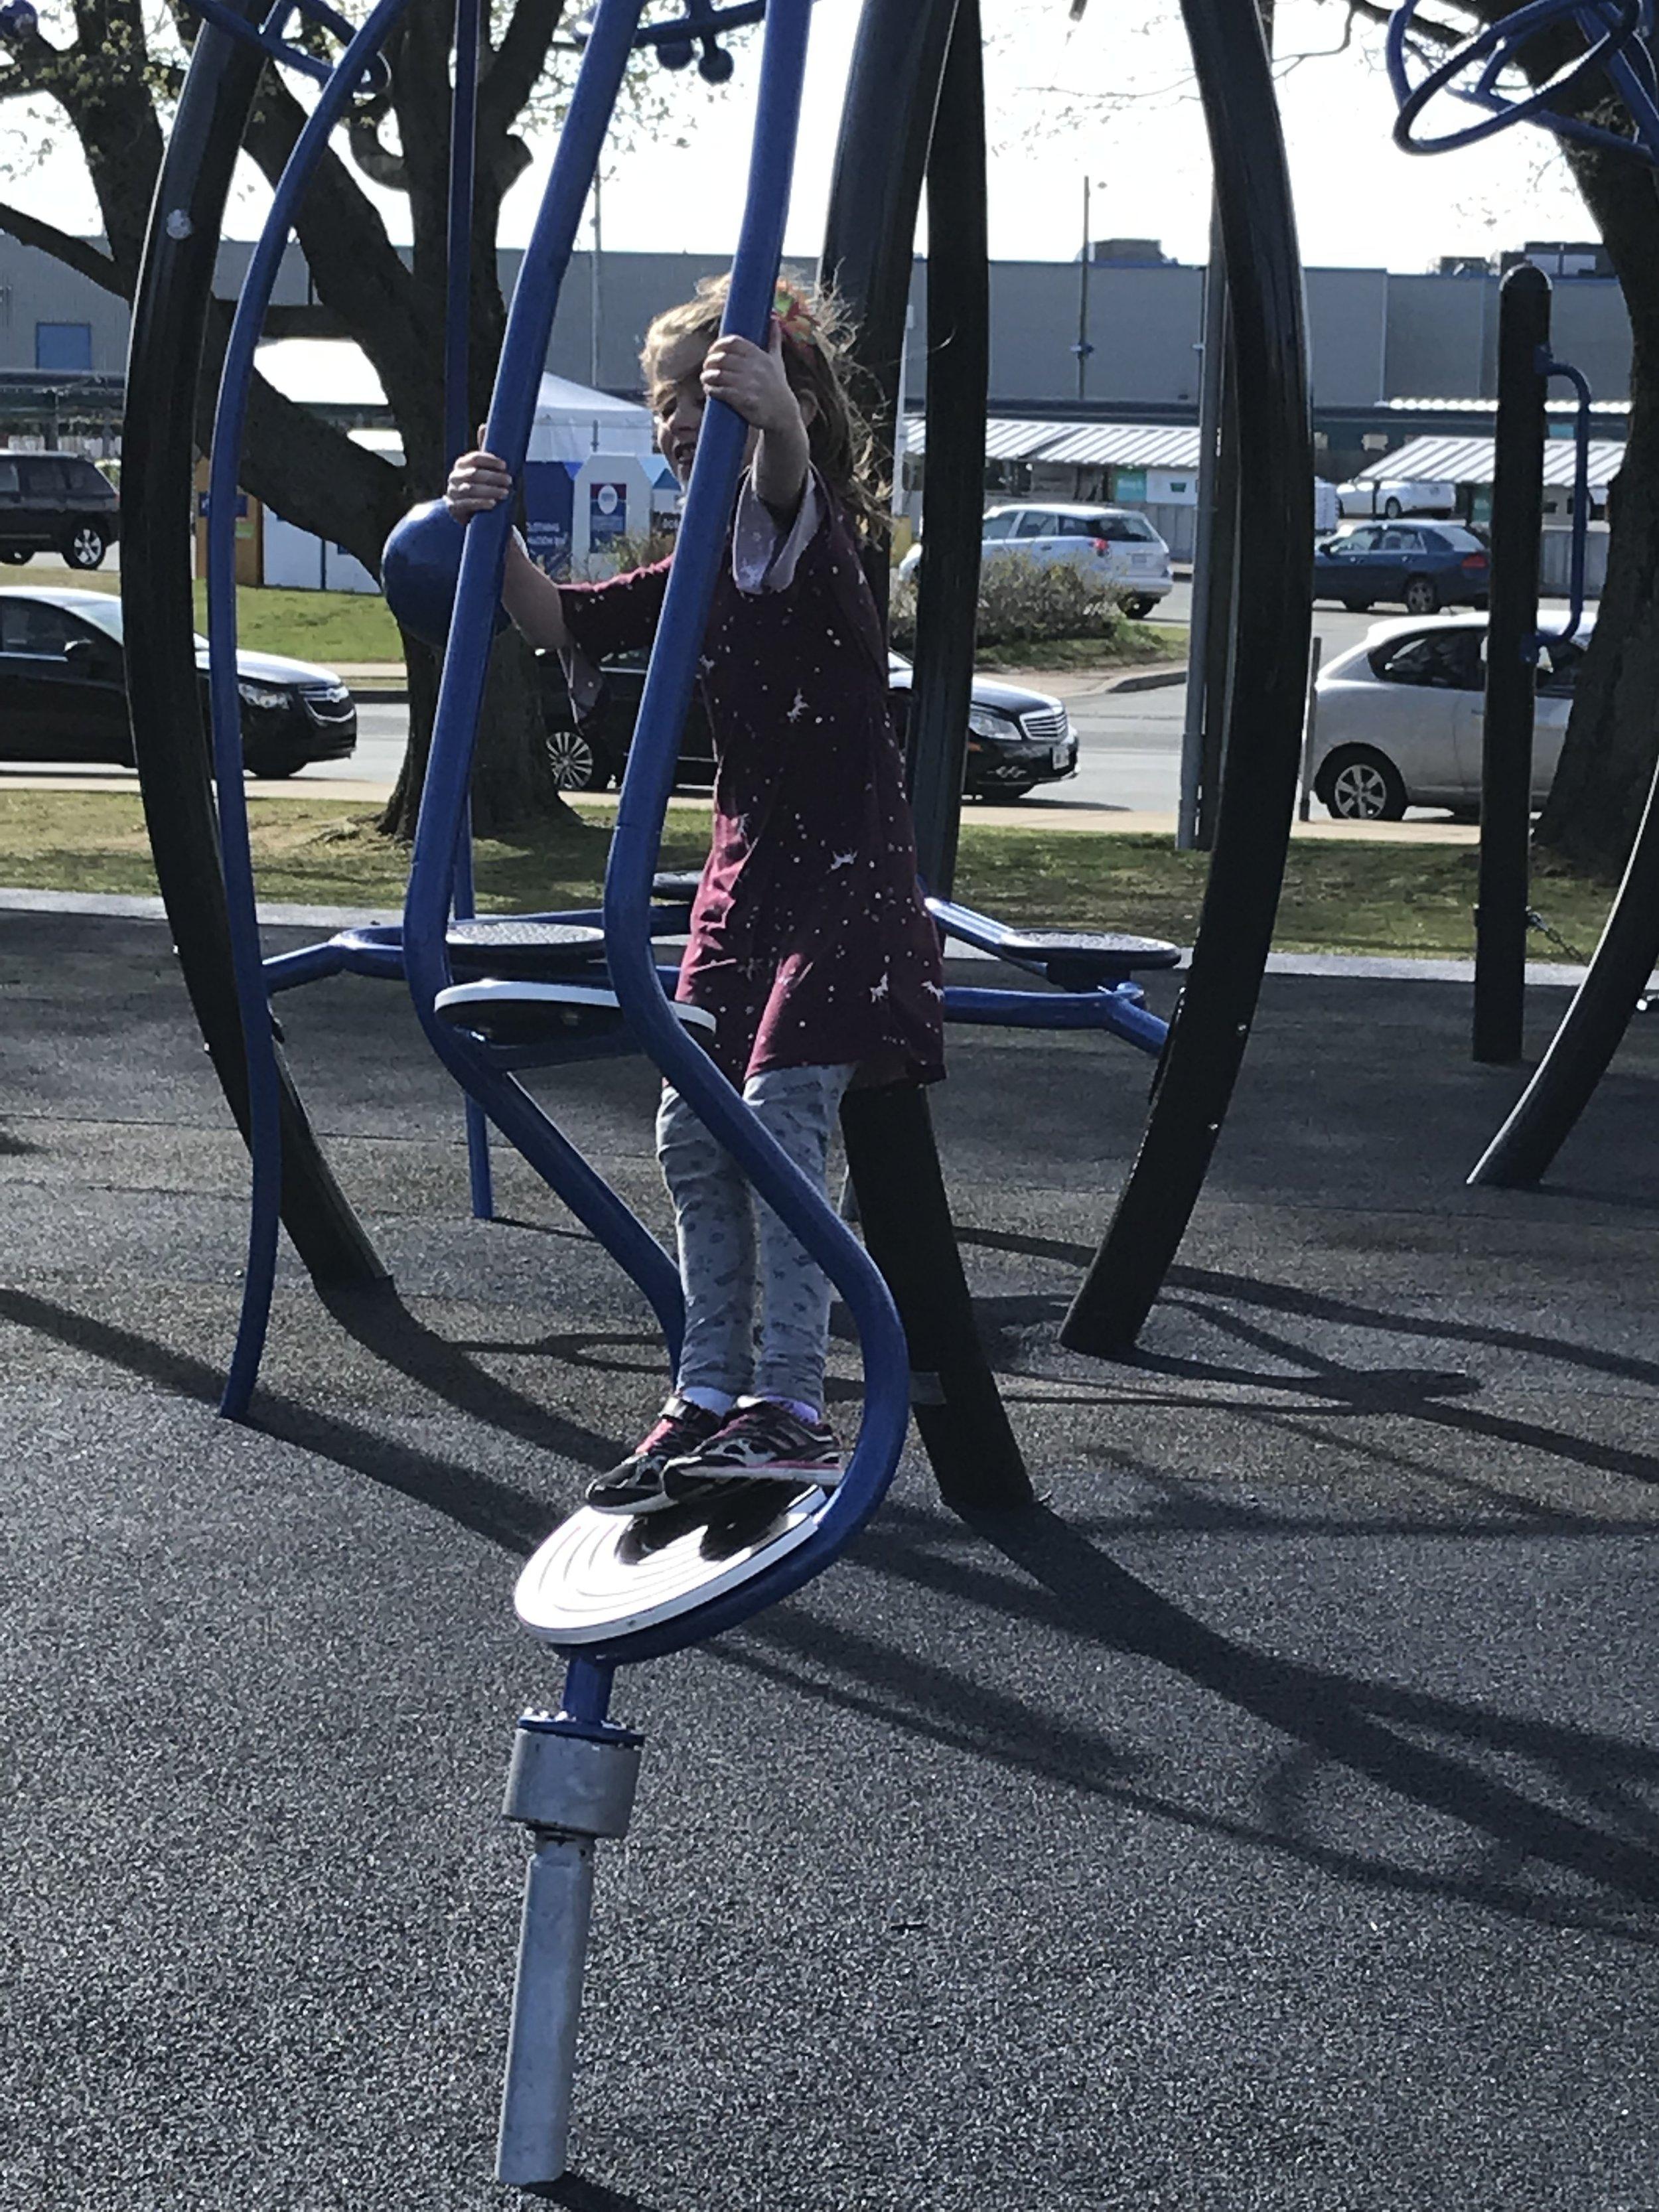 Train Playground Spinner